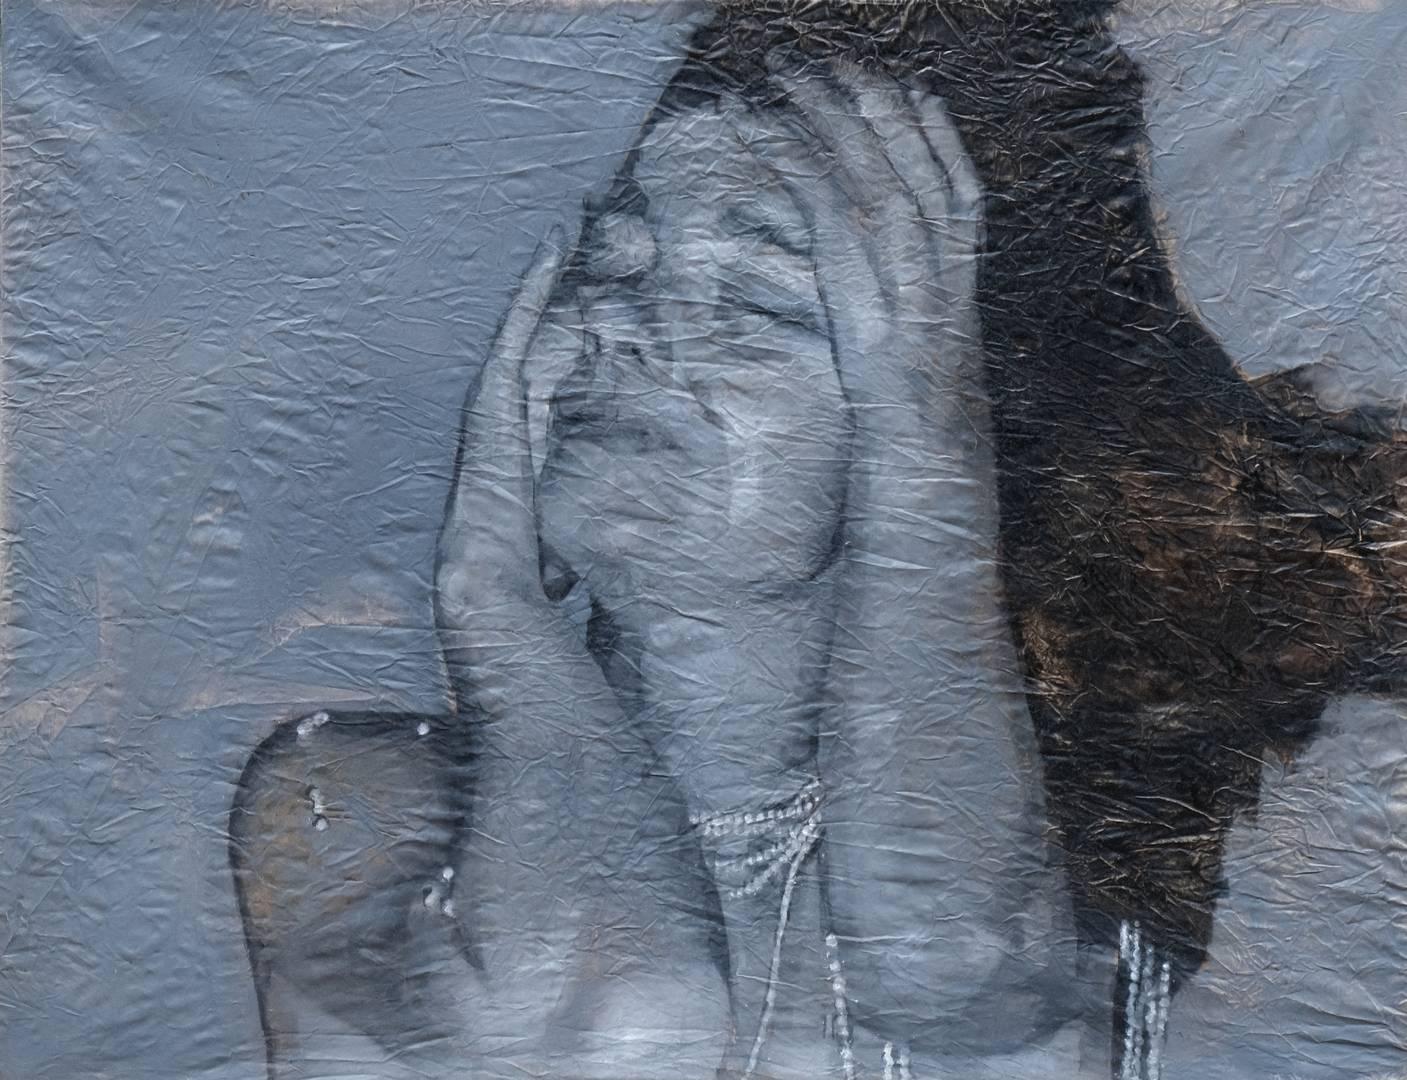 'Björk',120x156 cm., Tuval üzerine yağlıboya, 2008 1